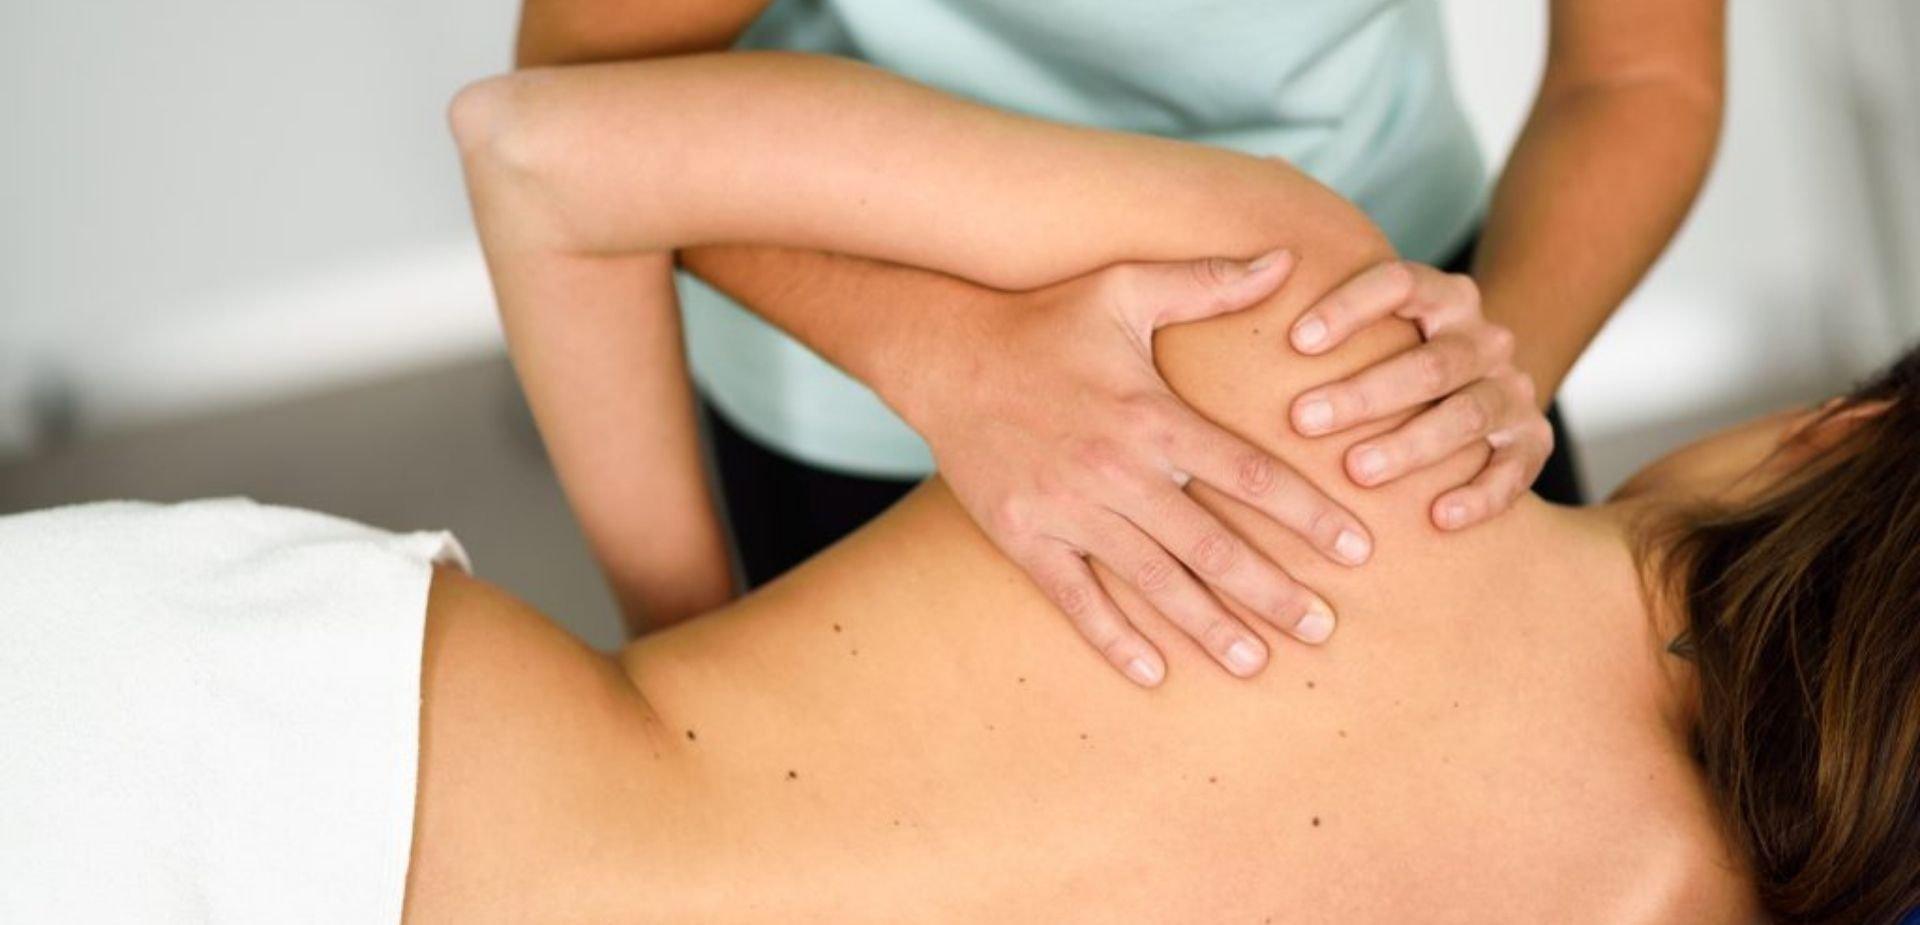 Oferta de emprego   Fisioterapeuta (Clínica Higiaclinic - Ponte de Lima)